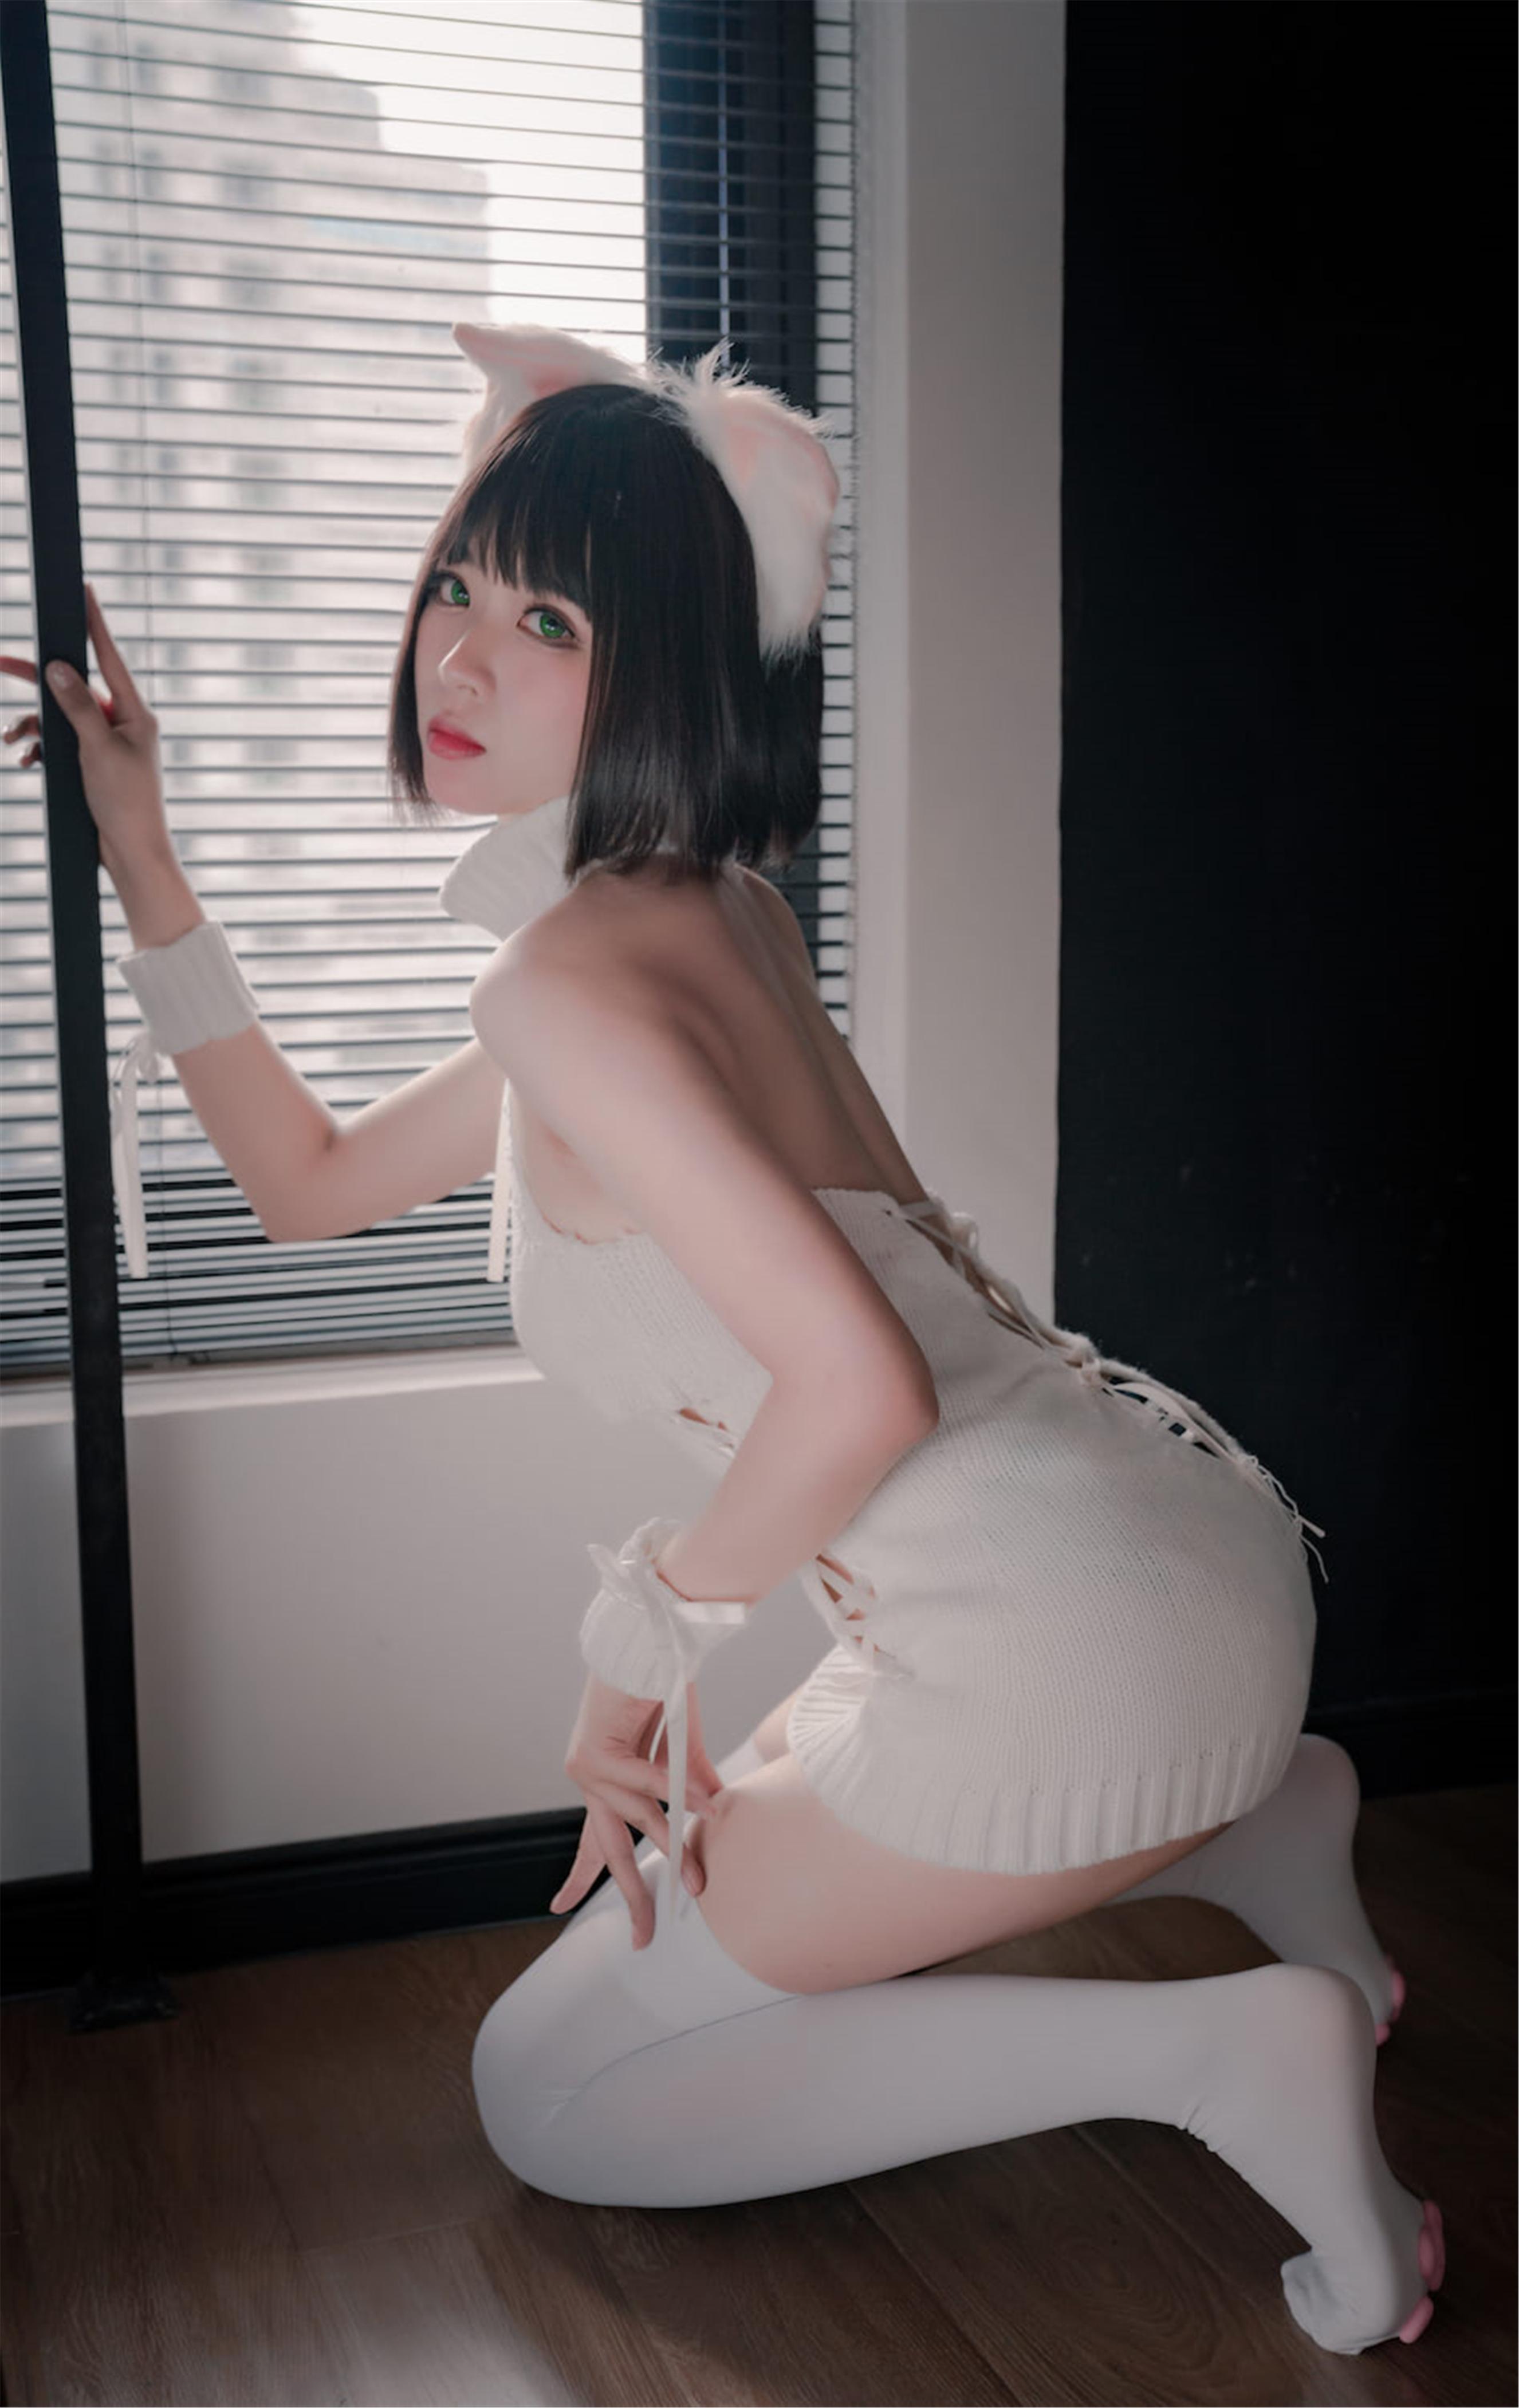 轩萧学姐 猫爪袜主题COS作品在线欣赏-觅爱图